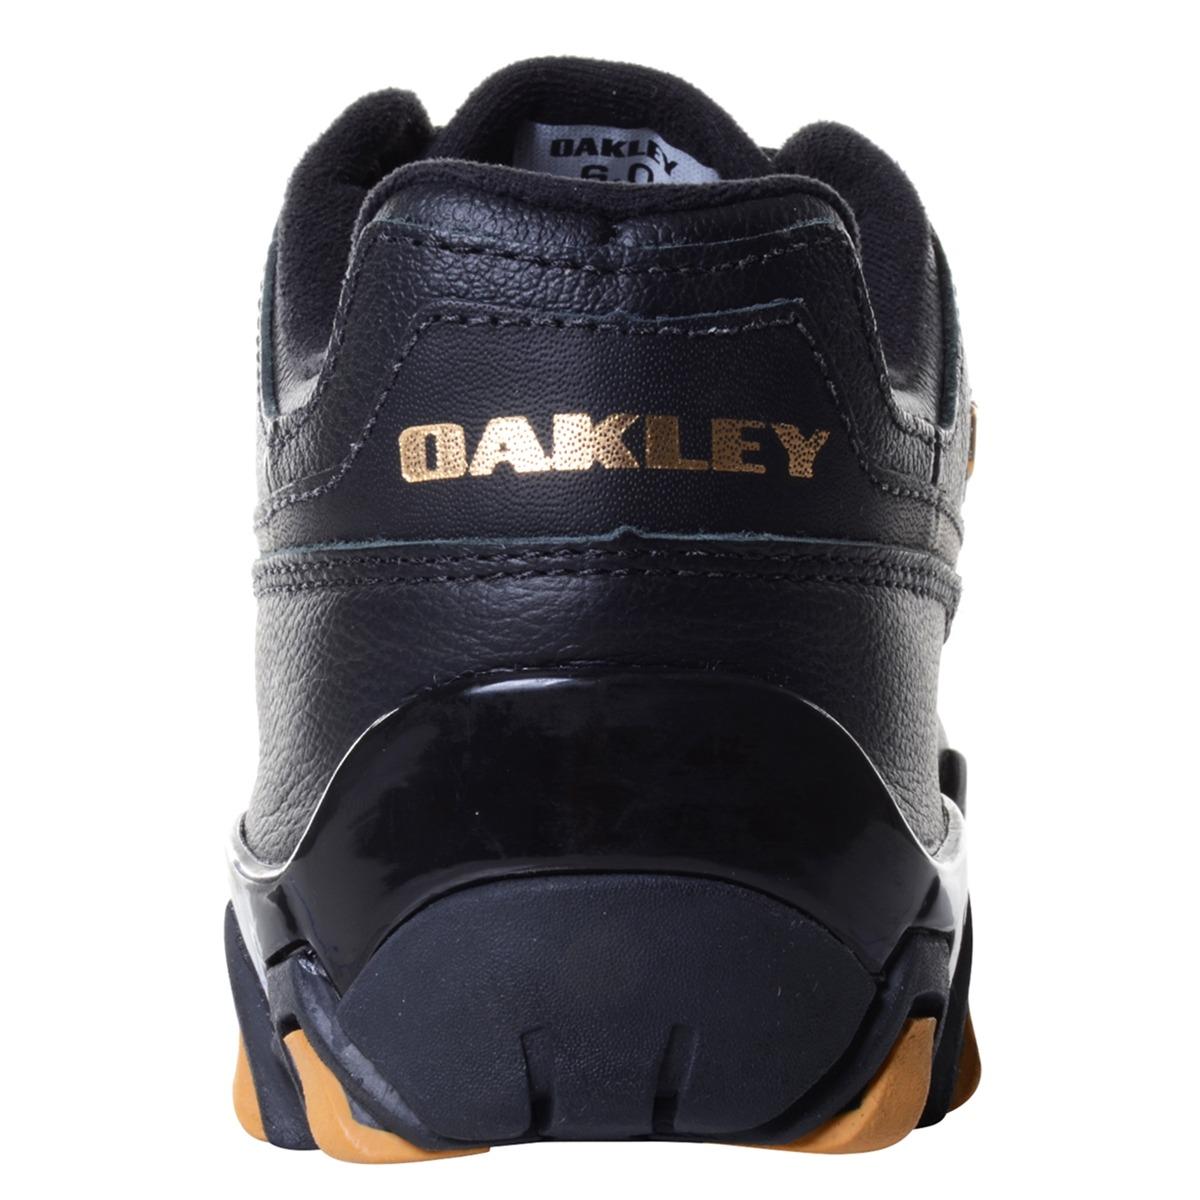 Tênis Masculino Oakley Teeth Square Preto dourado - R  399,90 em ... cae8603d9e